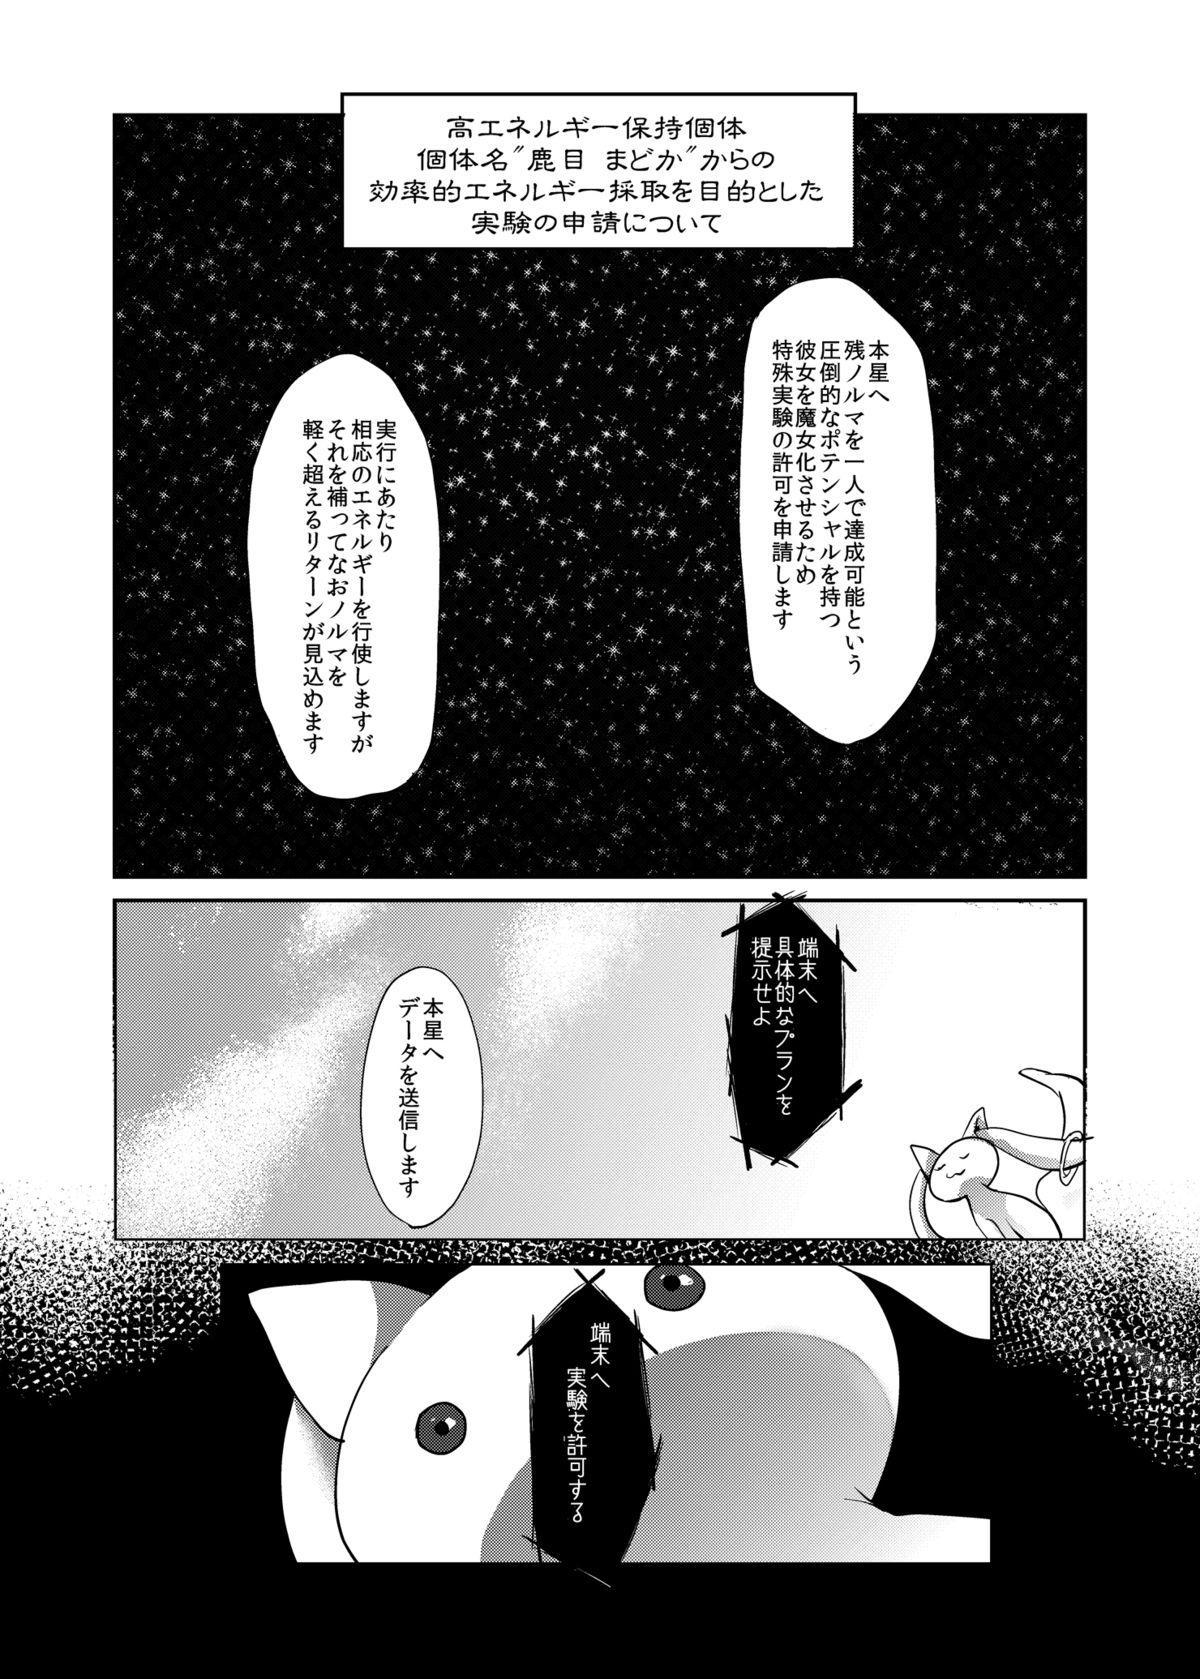 Mahou Shoujo Zetsubou Kansatsu Kiroku 1